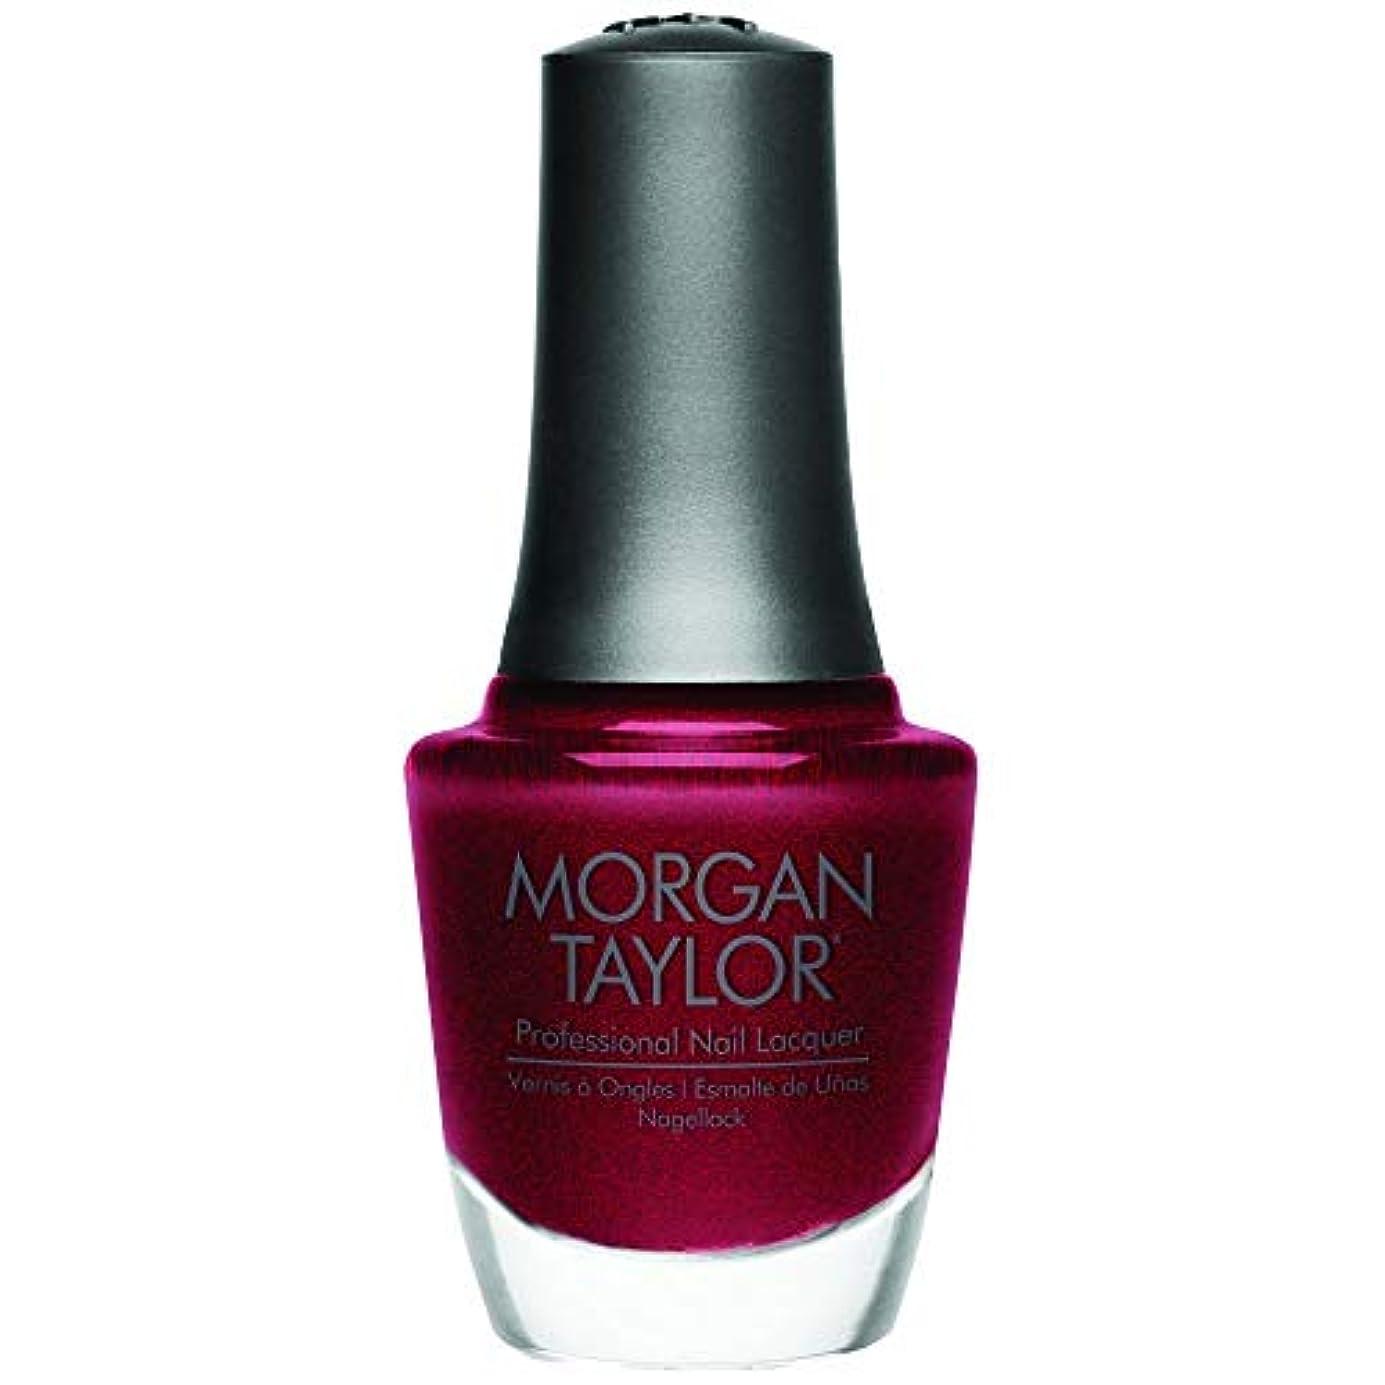 複雑価値転送Morgan Taylor - Professional Nail Lacquer - I'm So Hot - 15 mL / 0.5oz